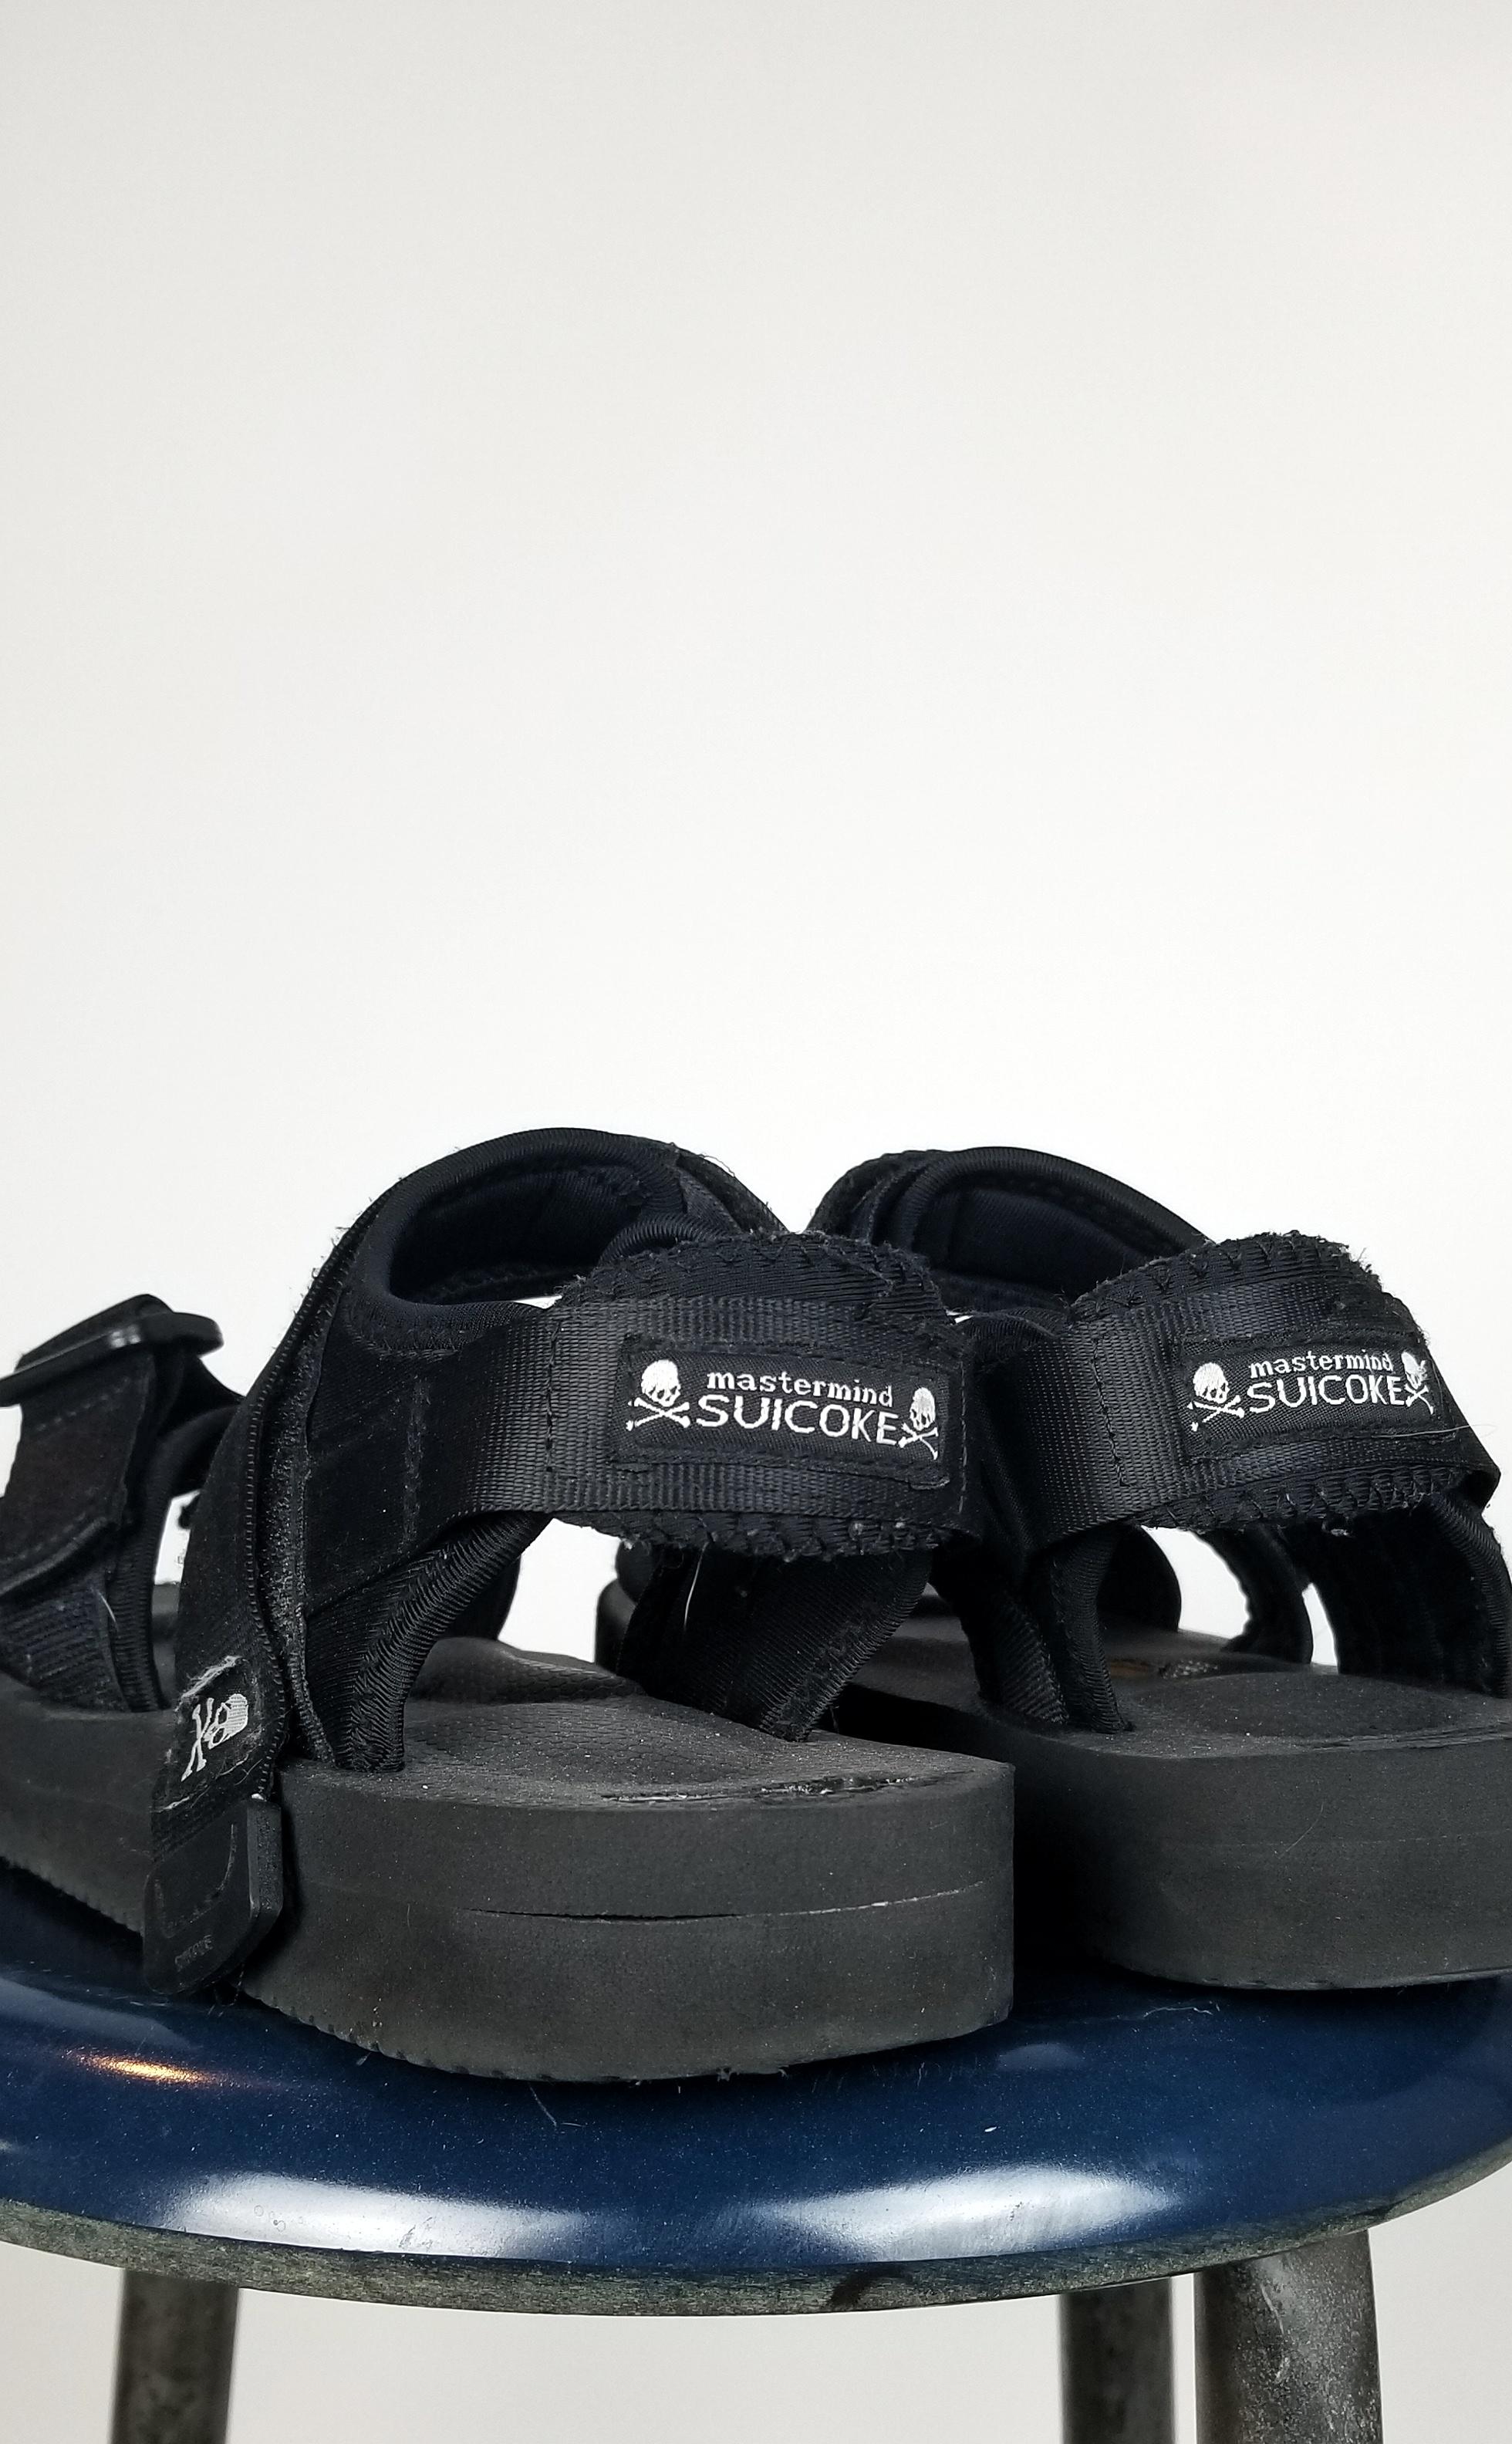 b8f2f8074bfc Suicoke RARE Suicoke x Mastermind Japan Sandals Size 11 - Sandals for Sale  - Grailed